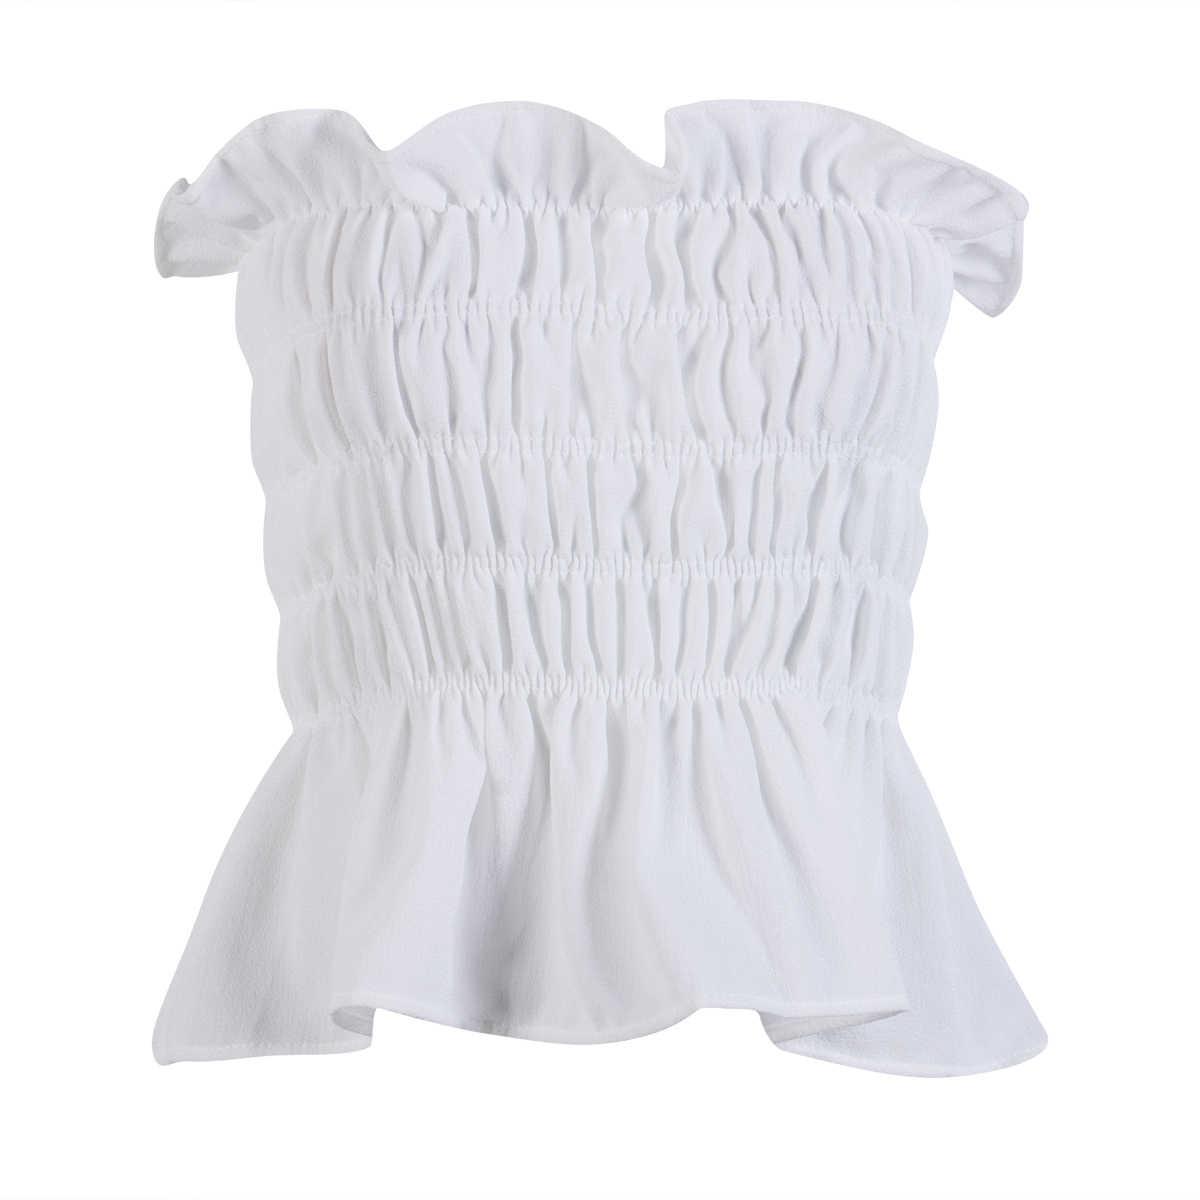 2019 Satu Ukuran Wanita Musim Panas Atasan Kasual Tanpa Lengan Off Bahu Slash Leher Padat Seksi T-shirt